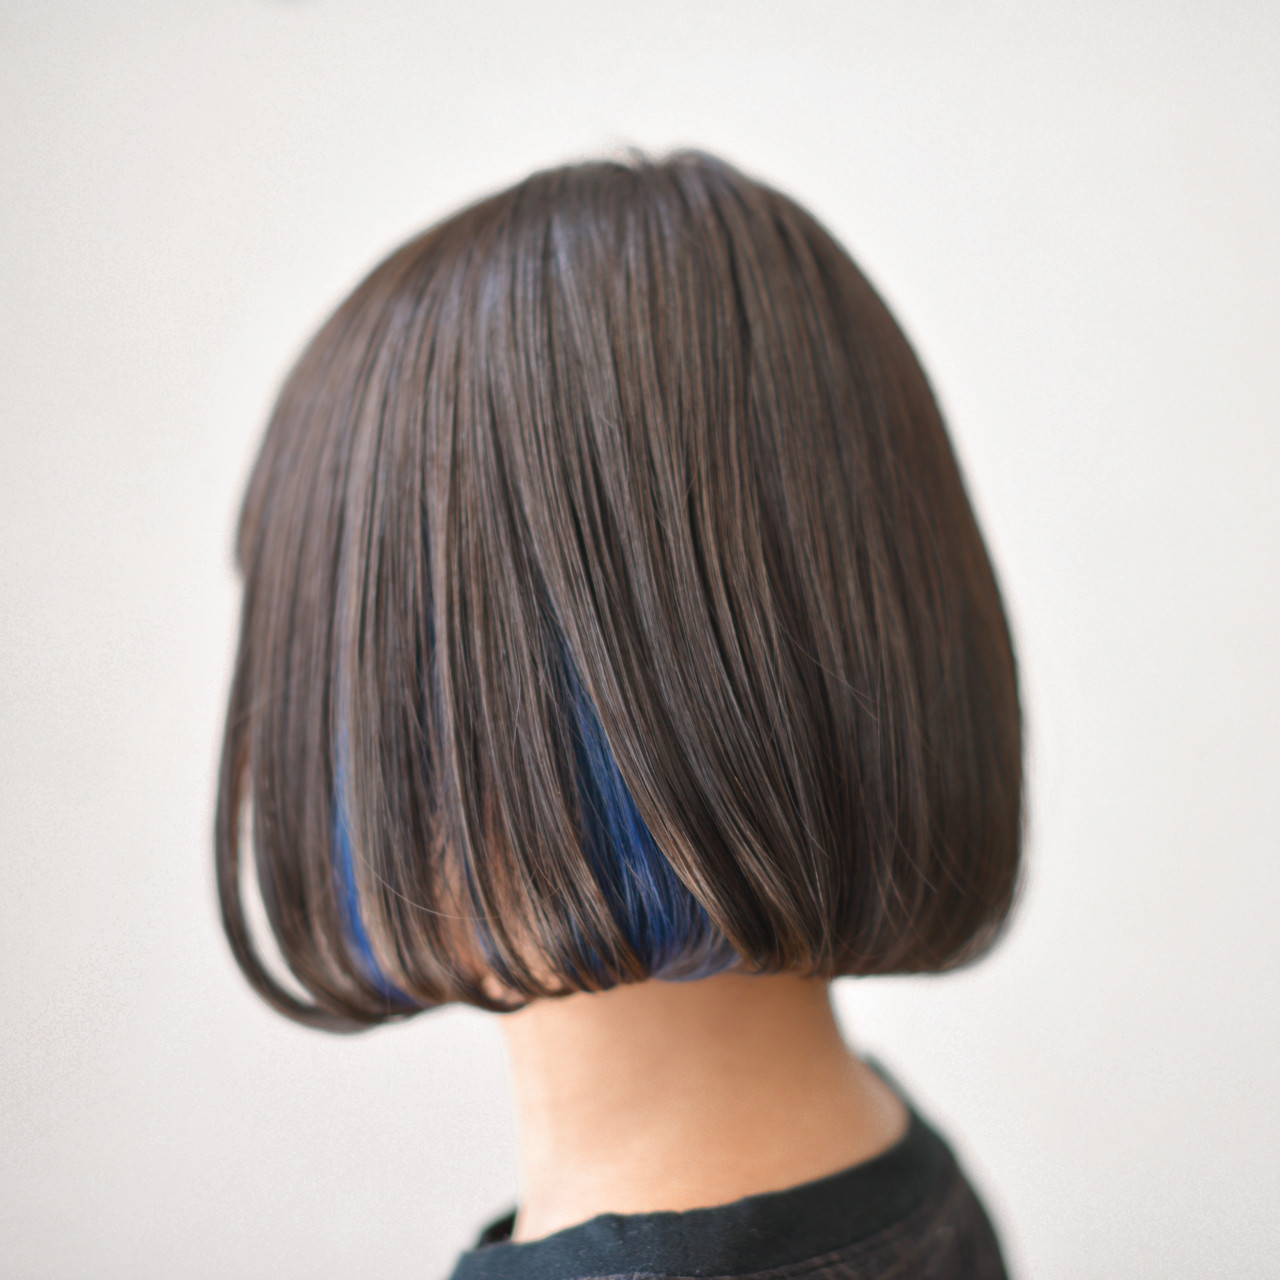 ボブ インナーカラー 外国人風 アッシュ ヘアスタイルや髪型の写真・画像 | yuuta inoue/vicca 'ekolu / vicca 'ekolu